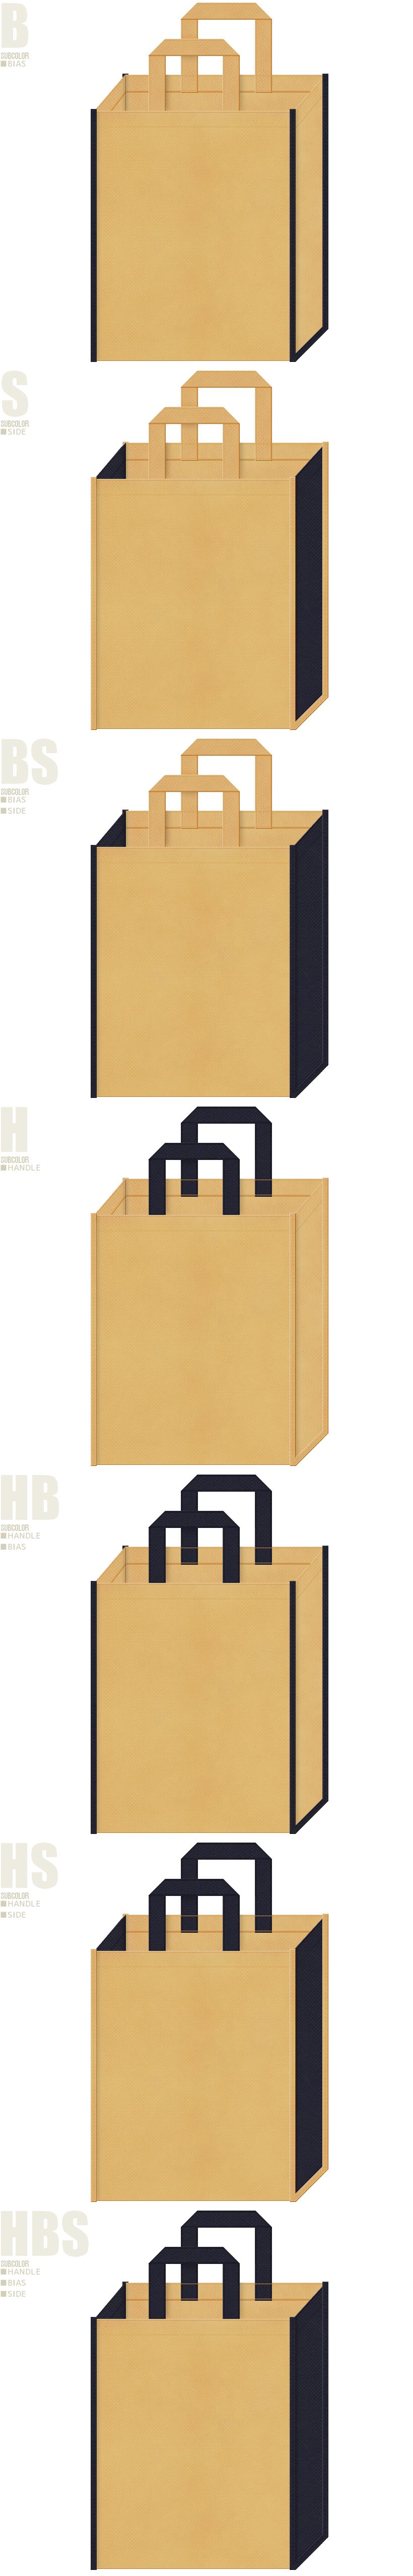 インディゴデニム・カジュアルファッション・文庫本・書店・学校・オープンキャンパス・学習塾・レッスンバッグにお奨めの不織布バッグデザイン:薄黄土色と濃紺色の配色7パターン